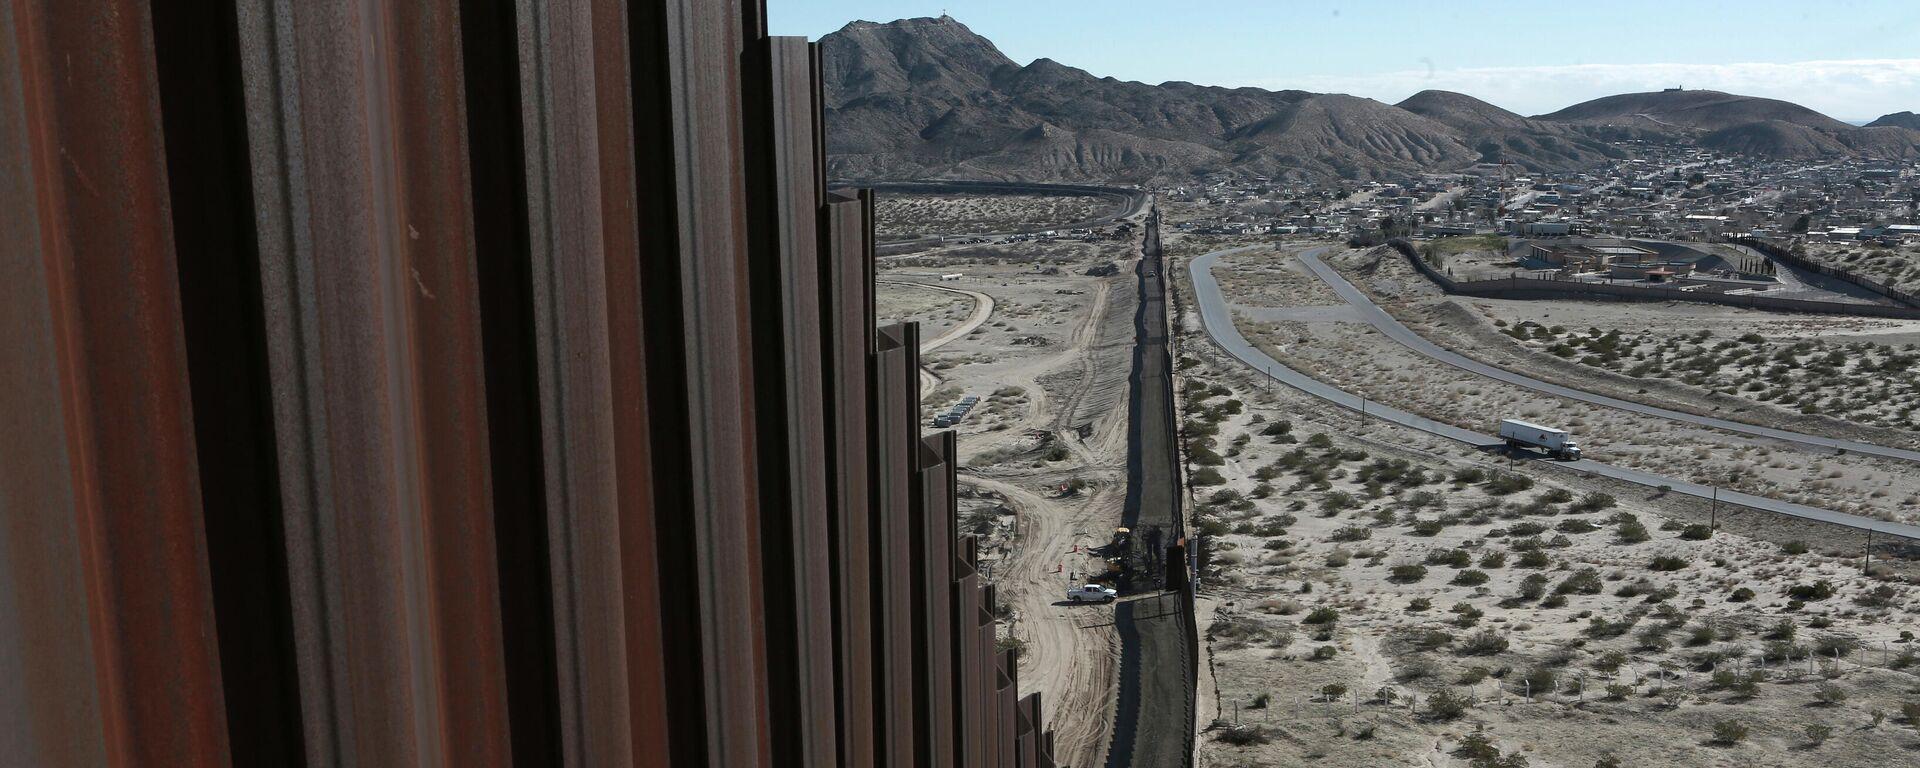 Schutzmauer an der Grenze zwischen den USA und Mexiko (Archiv) - SNA, 1920, 01.05.2021